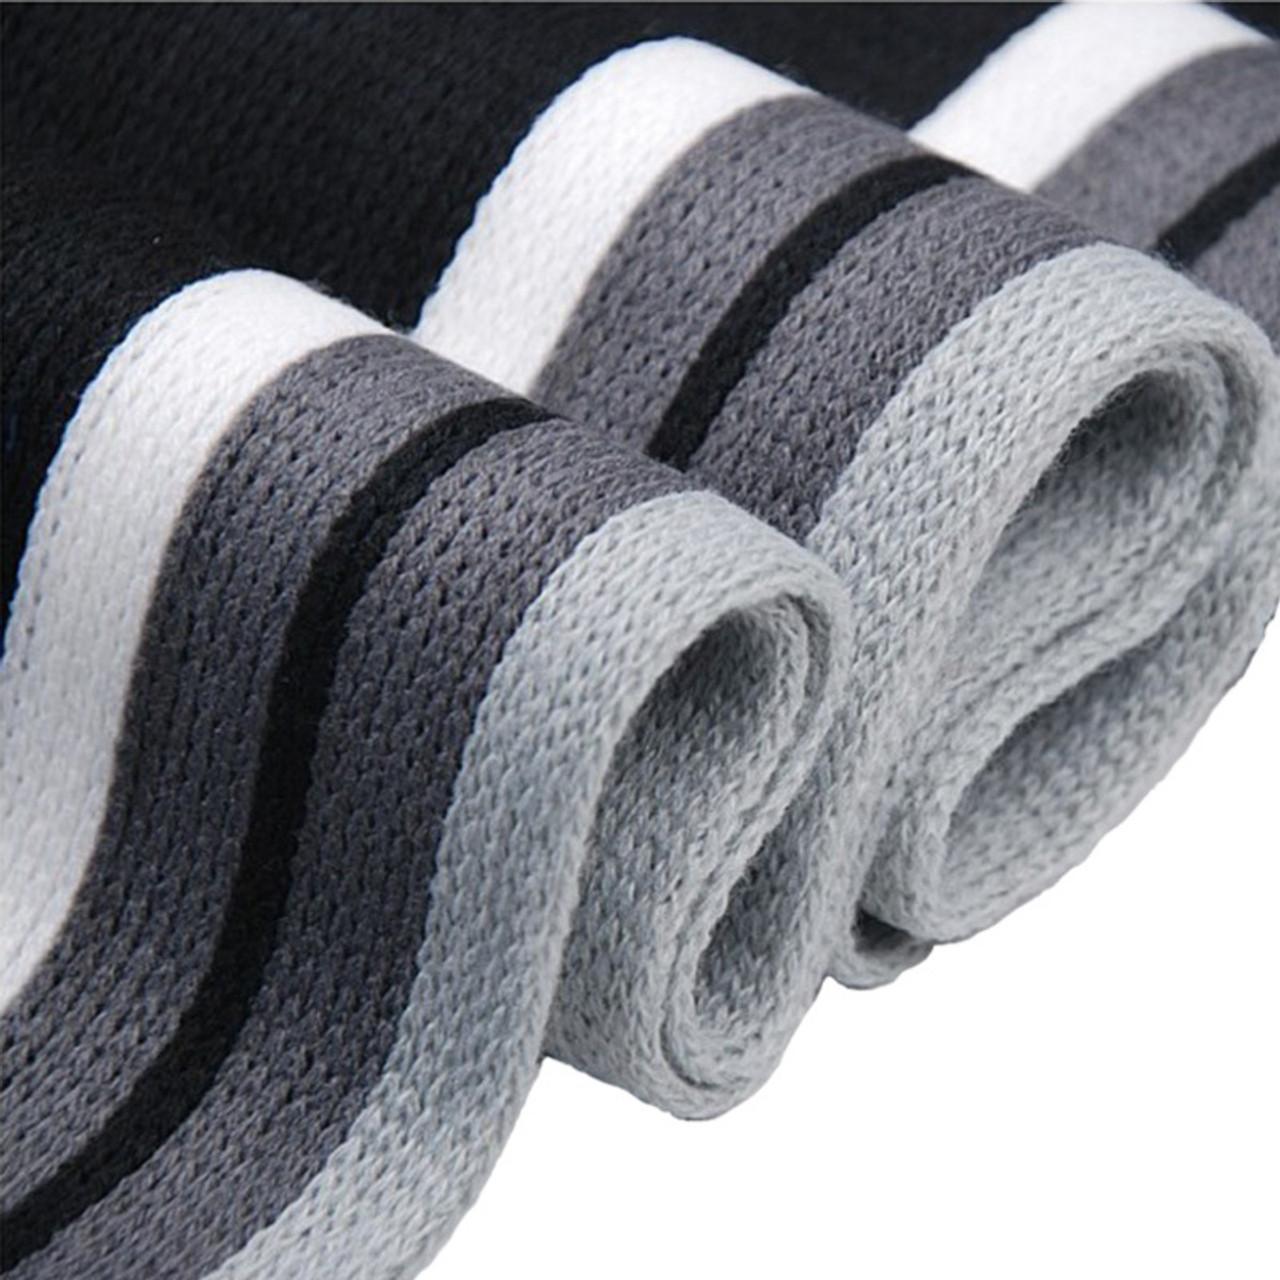 08879b09e ... Winter designer scarf men striped cotton scarf female & male brand  shawl wrap knit cashmere ...